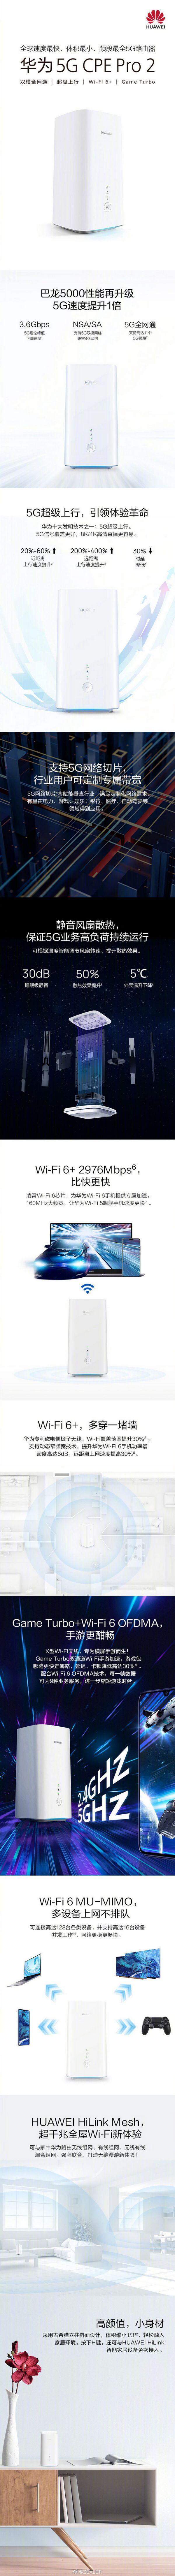 一图看懂华为 5G CPE Pro 2路由器-玩懂手机网 - 玩懂手机第一手的手机资讯网(www.wdshouji.com)